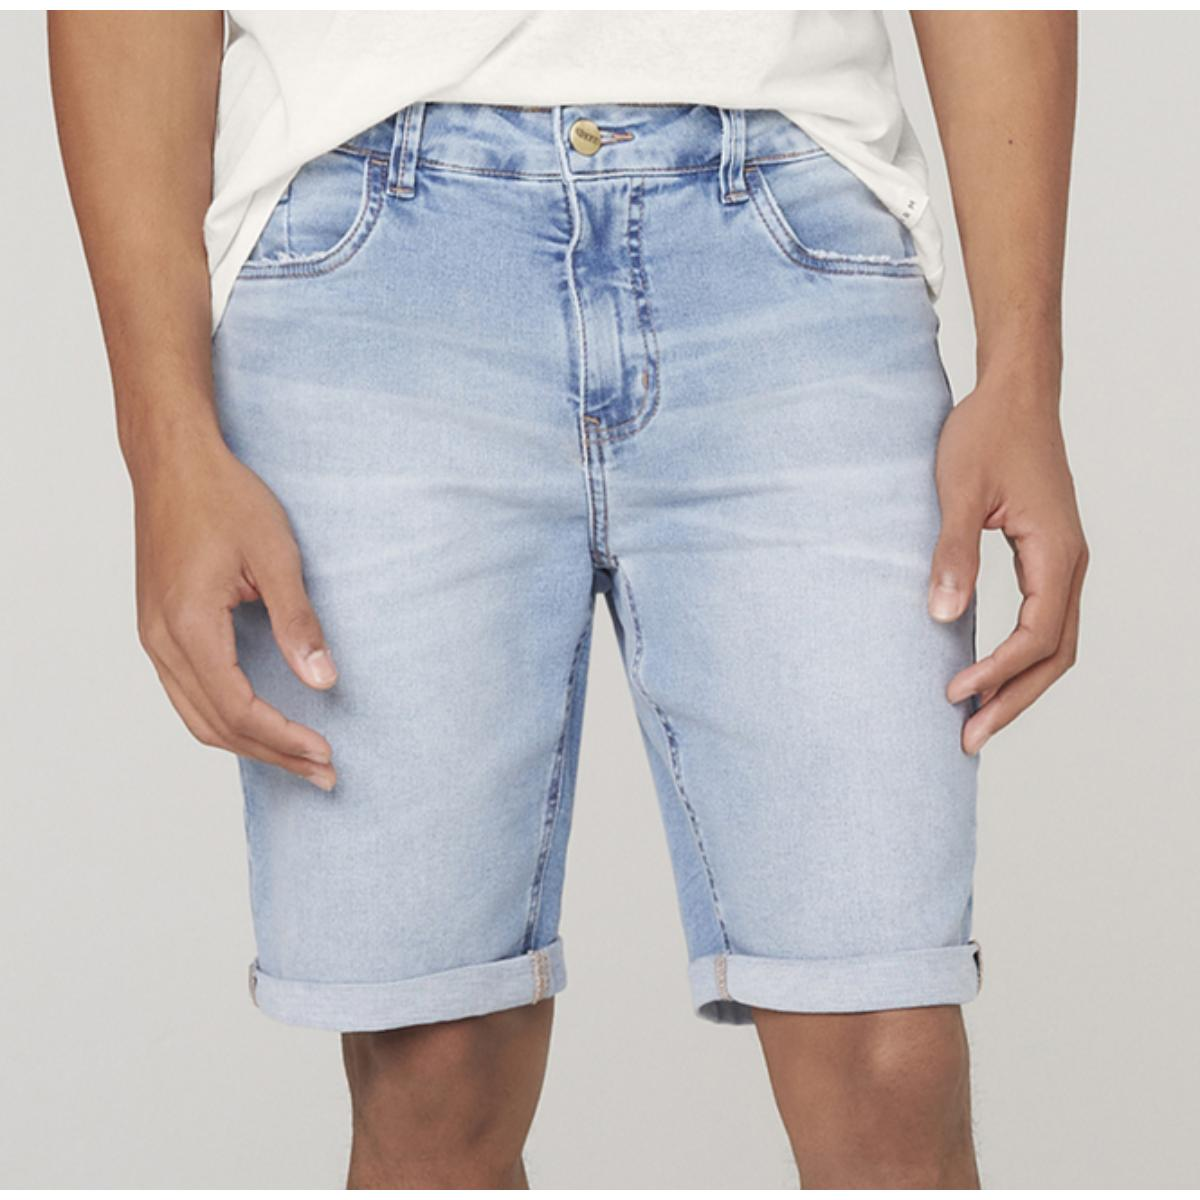 Bermuda Masculina Dzarm Zc4u 1bsn  Jeans Claro